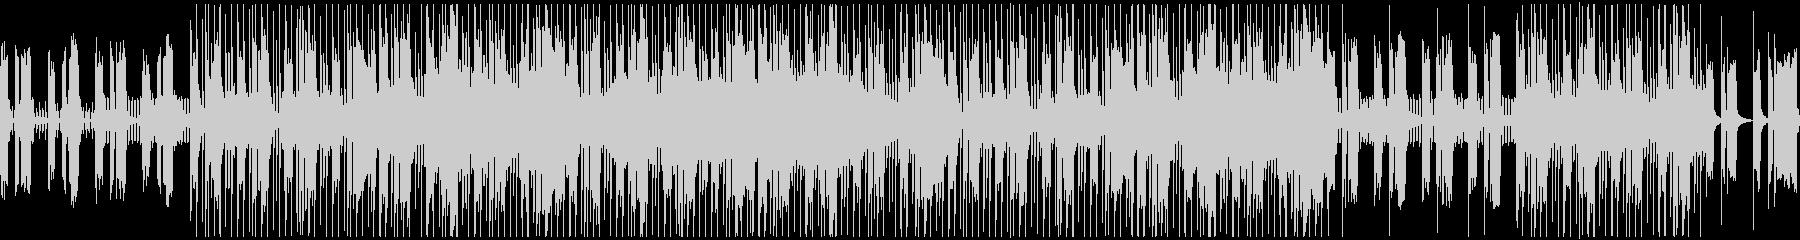 80's王道ハードロック風ギターリフの未再生の波形